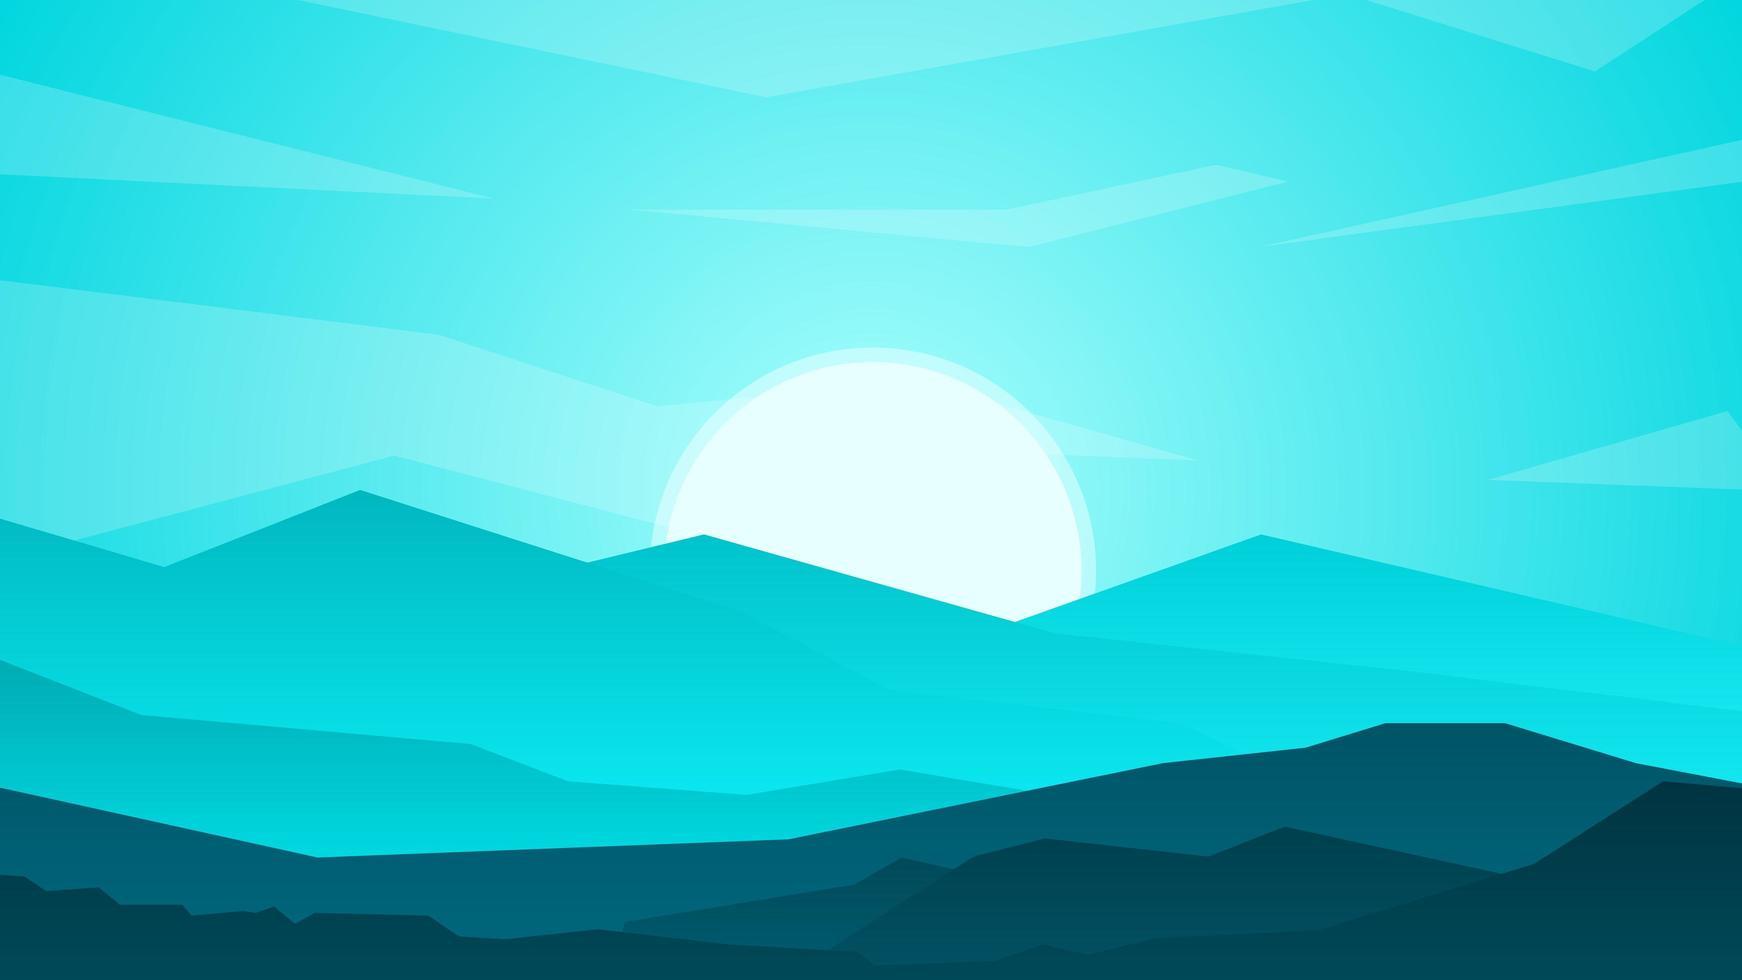 sfondo paesaggio tramonto con le montagne vettore